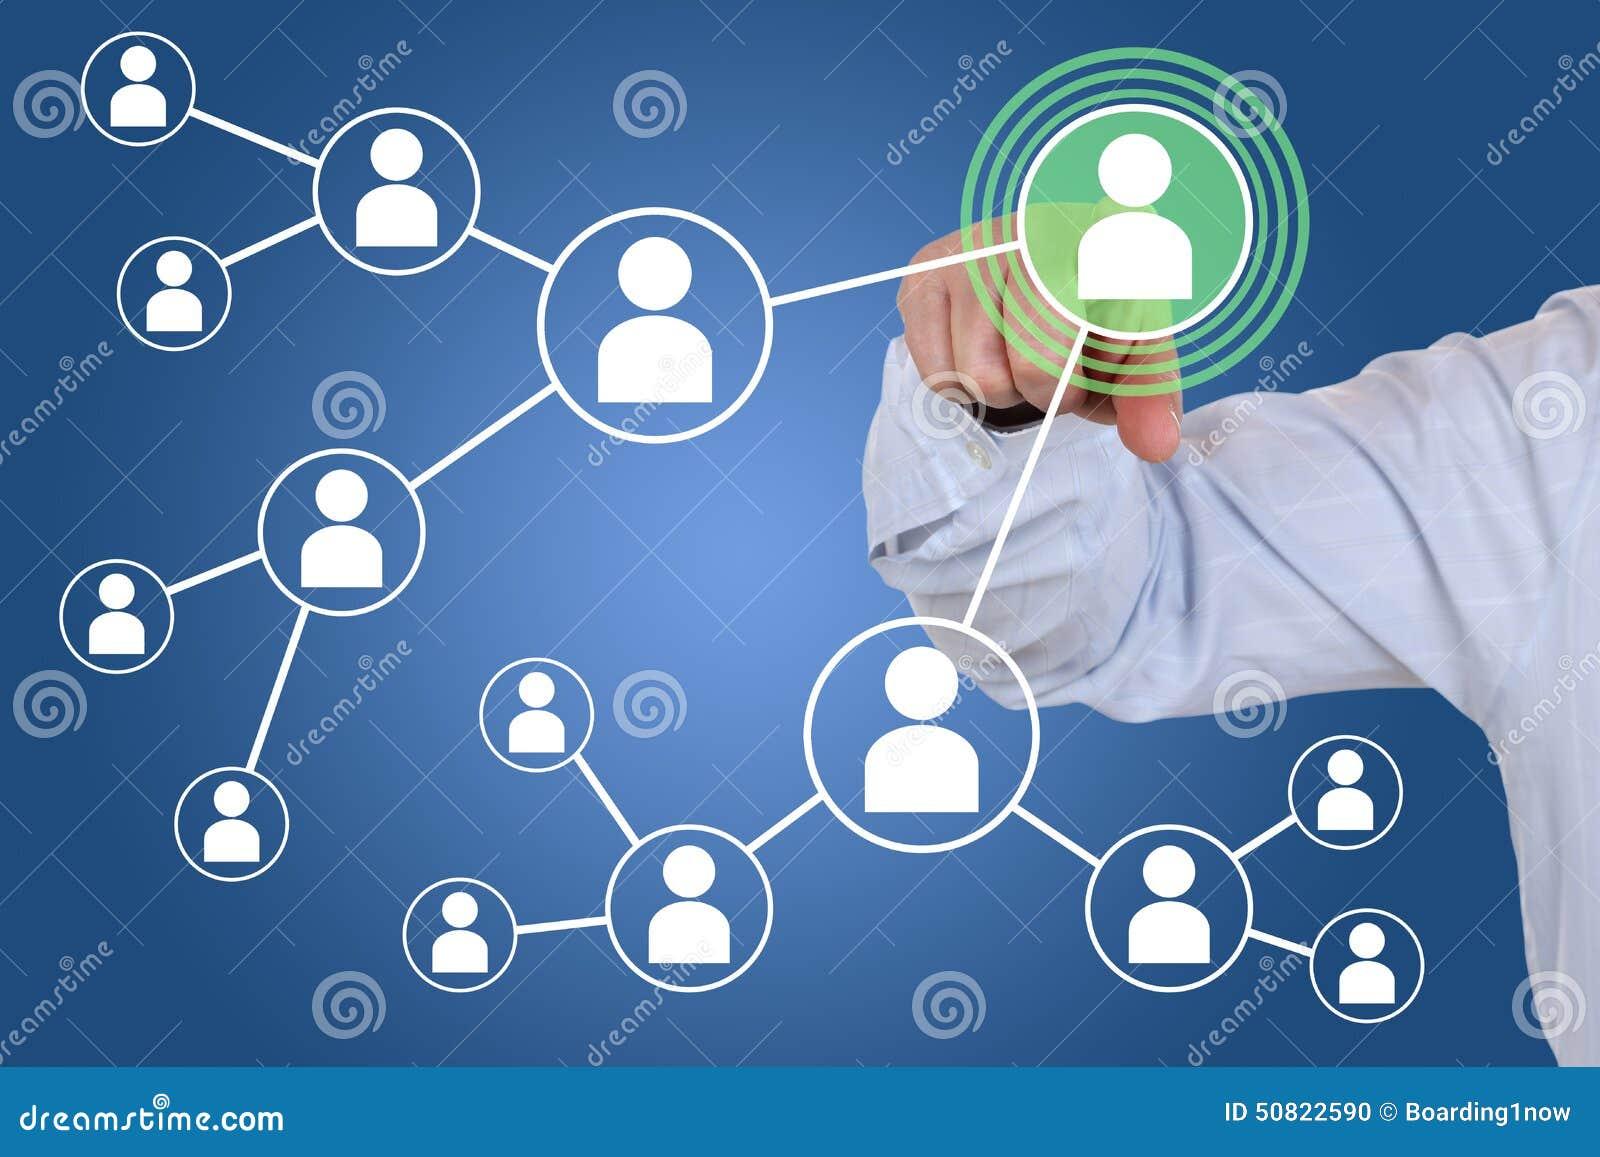 Relaciones y contactos en red social